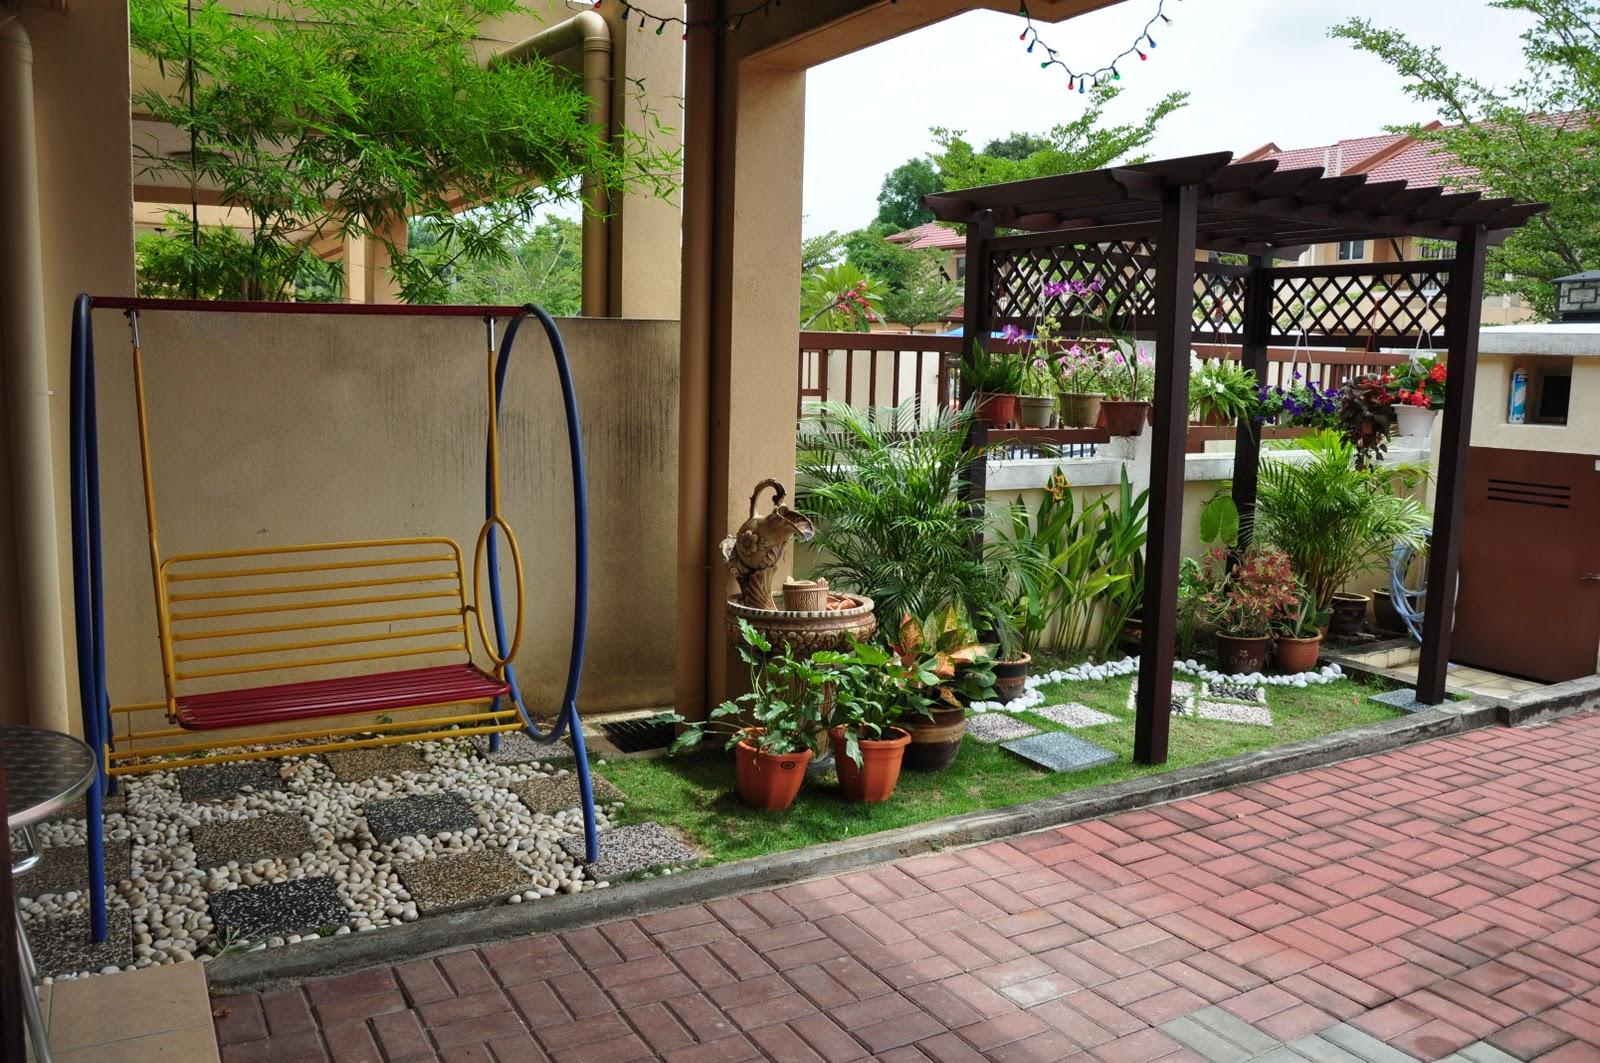 45 Desain Taman Depan Rumah Minimalis Untuk Lahan Terbatas